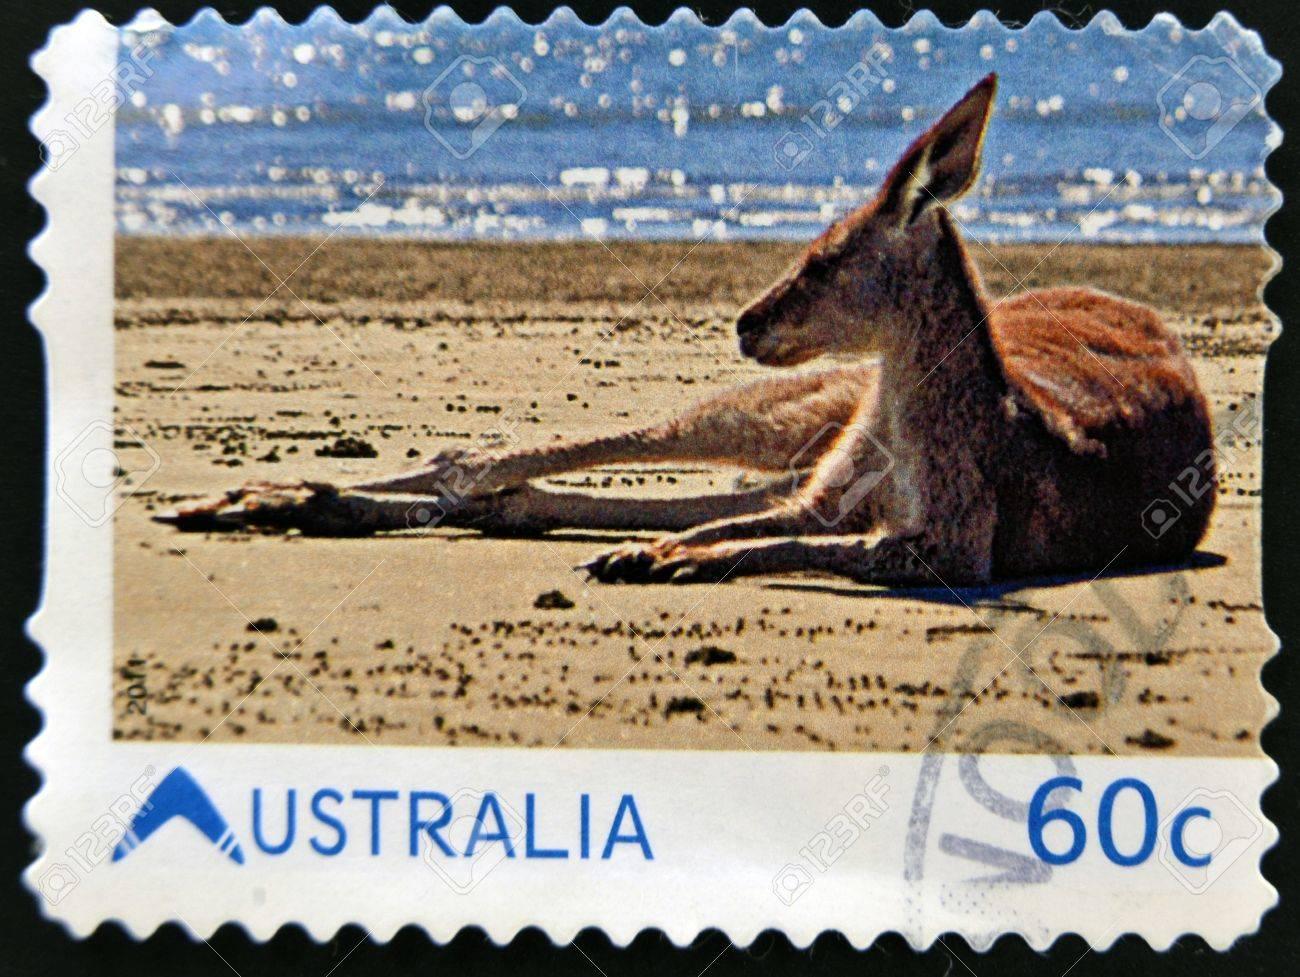 AUSTRALIA - CIRCA 2011: A stamp printed ibn Australia shows Kangaroo on the beach, circa 2011 Stock Photo - 17289575